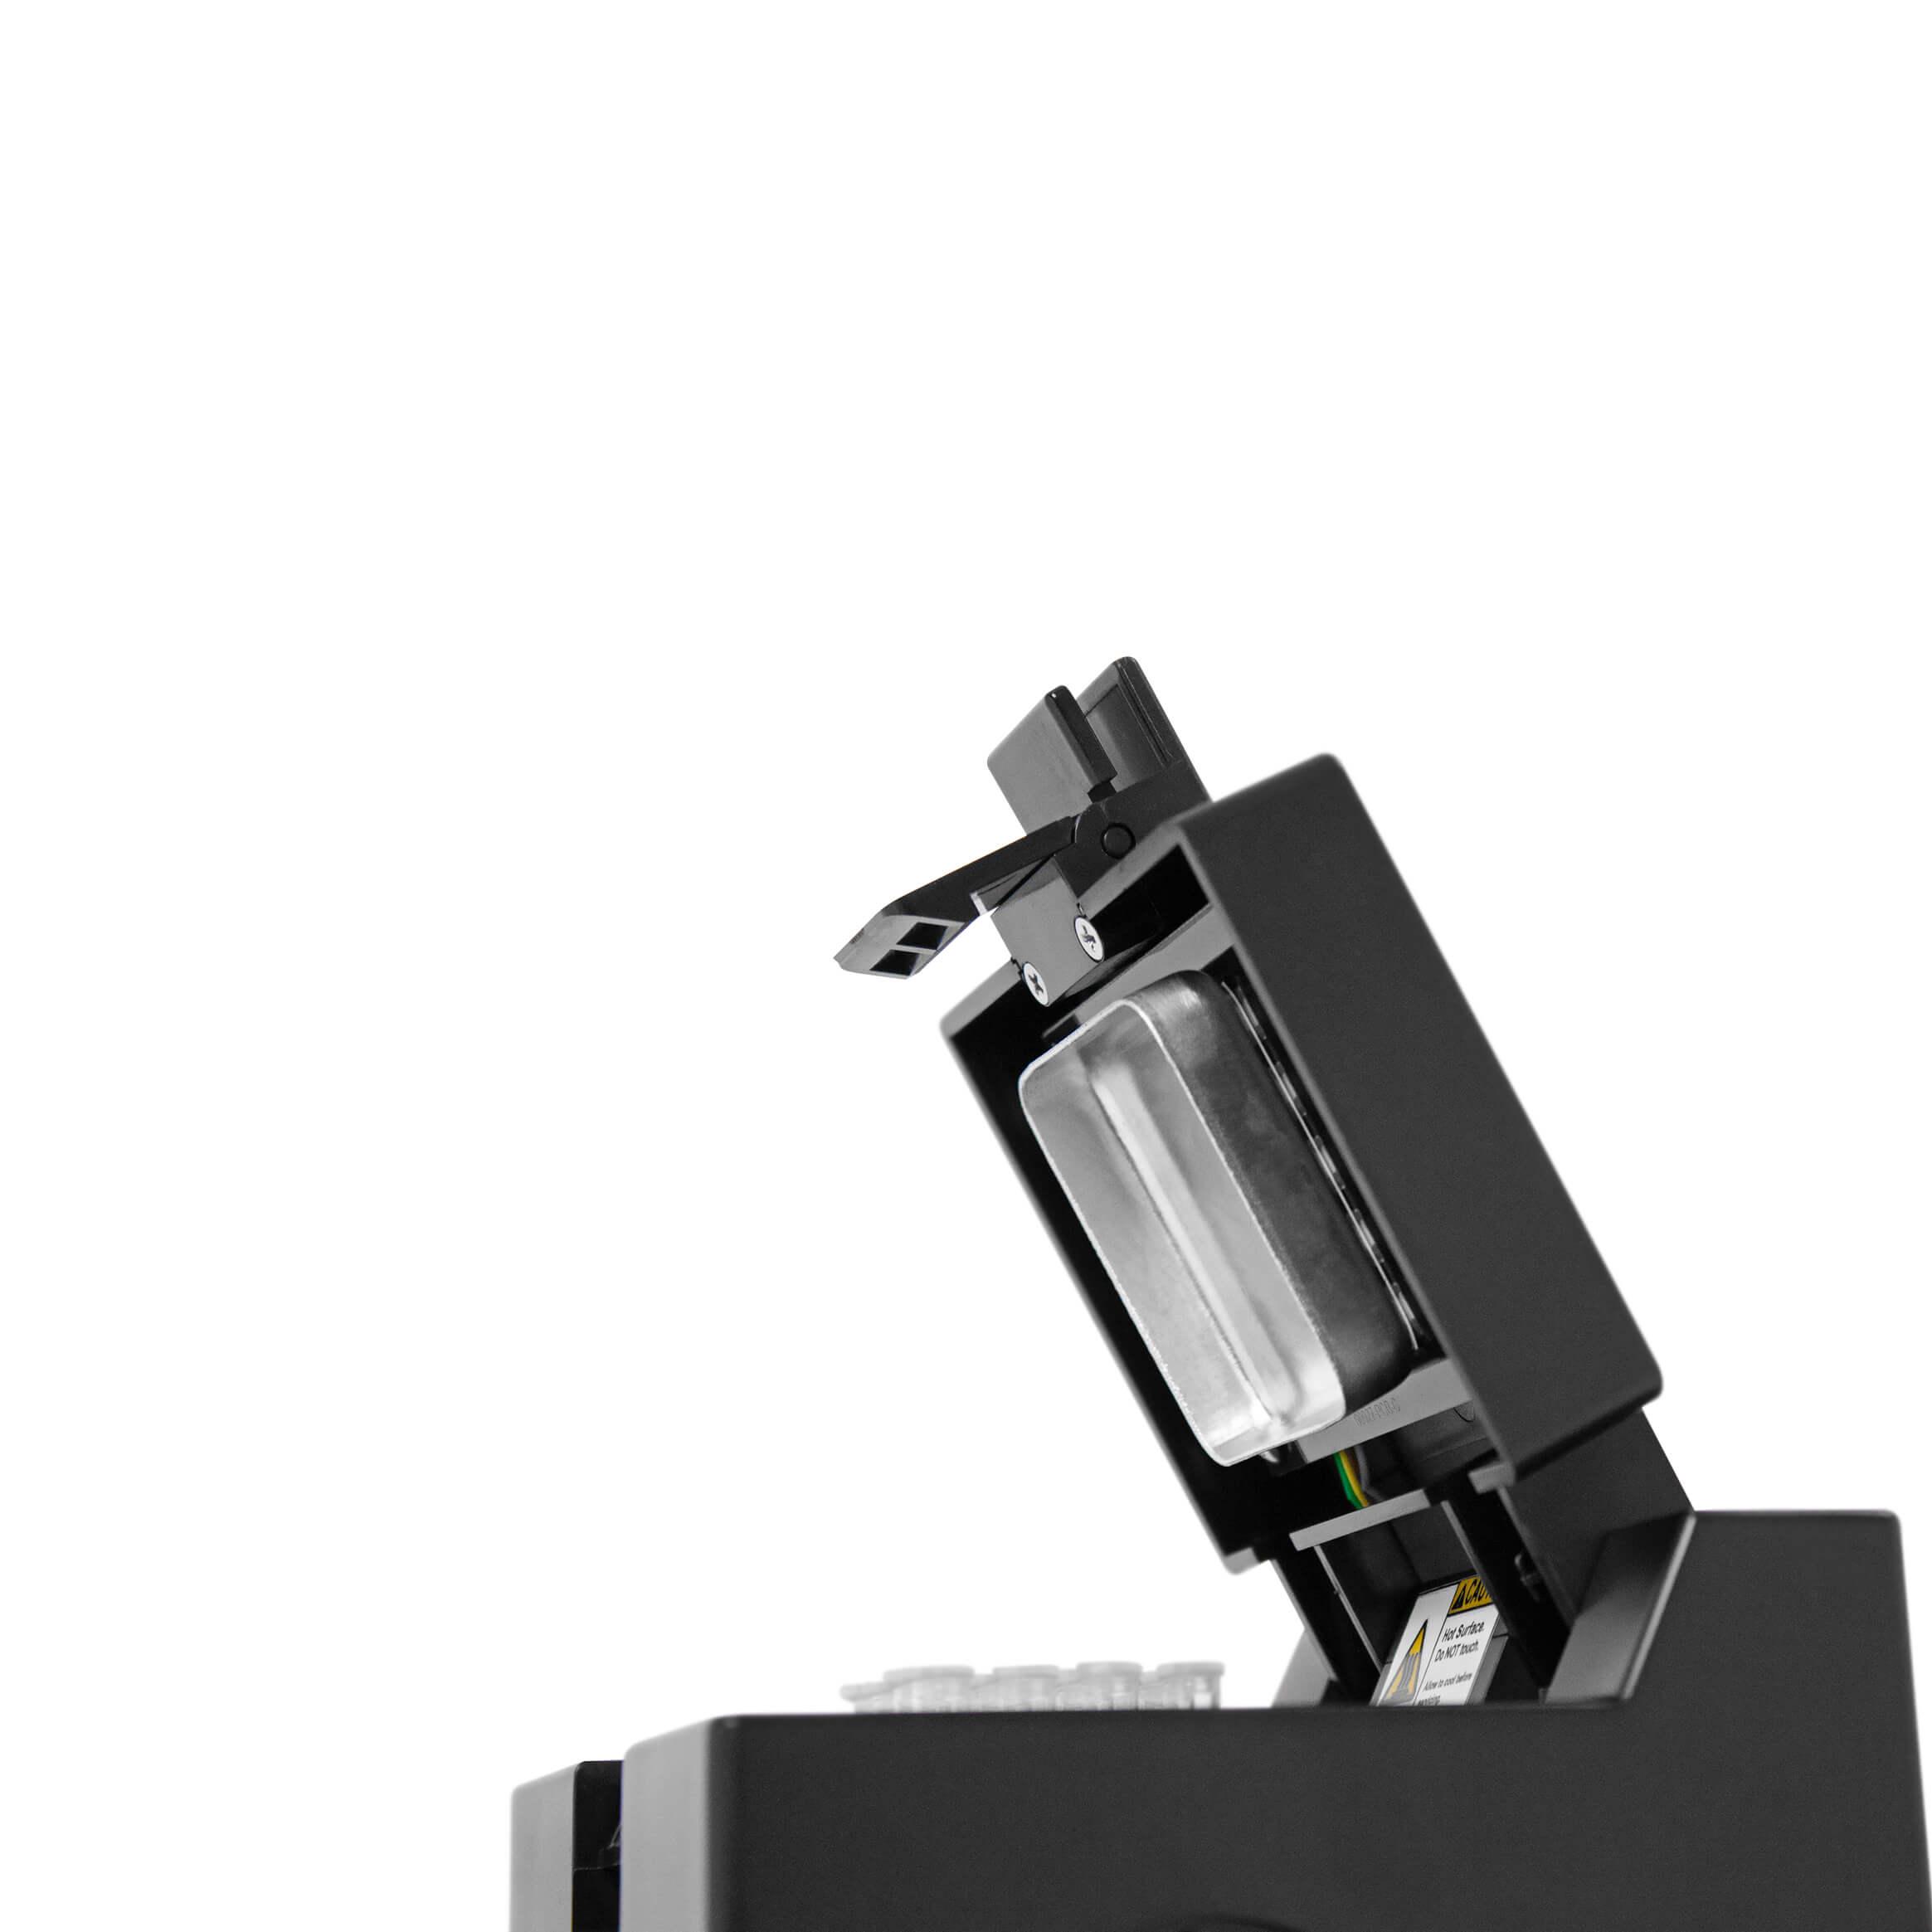 MiniOne® PCR System